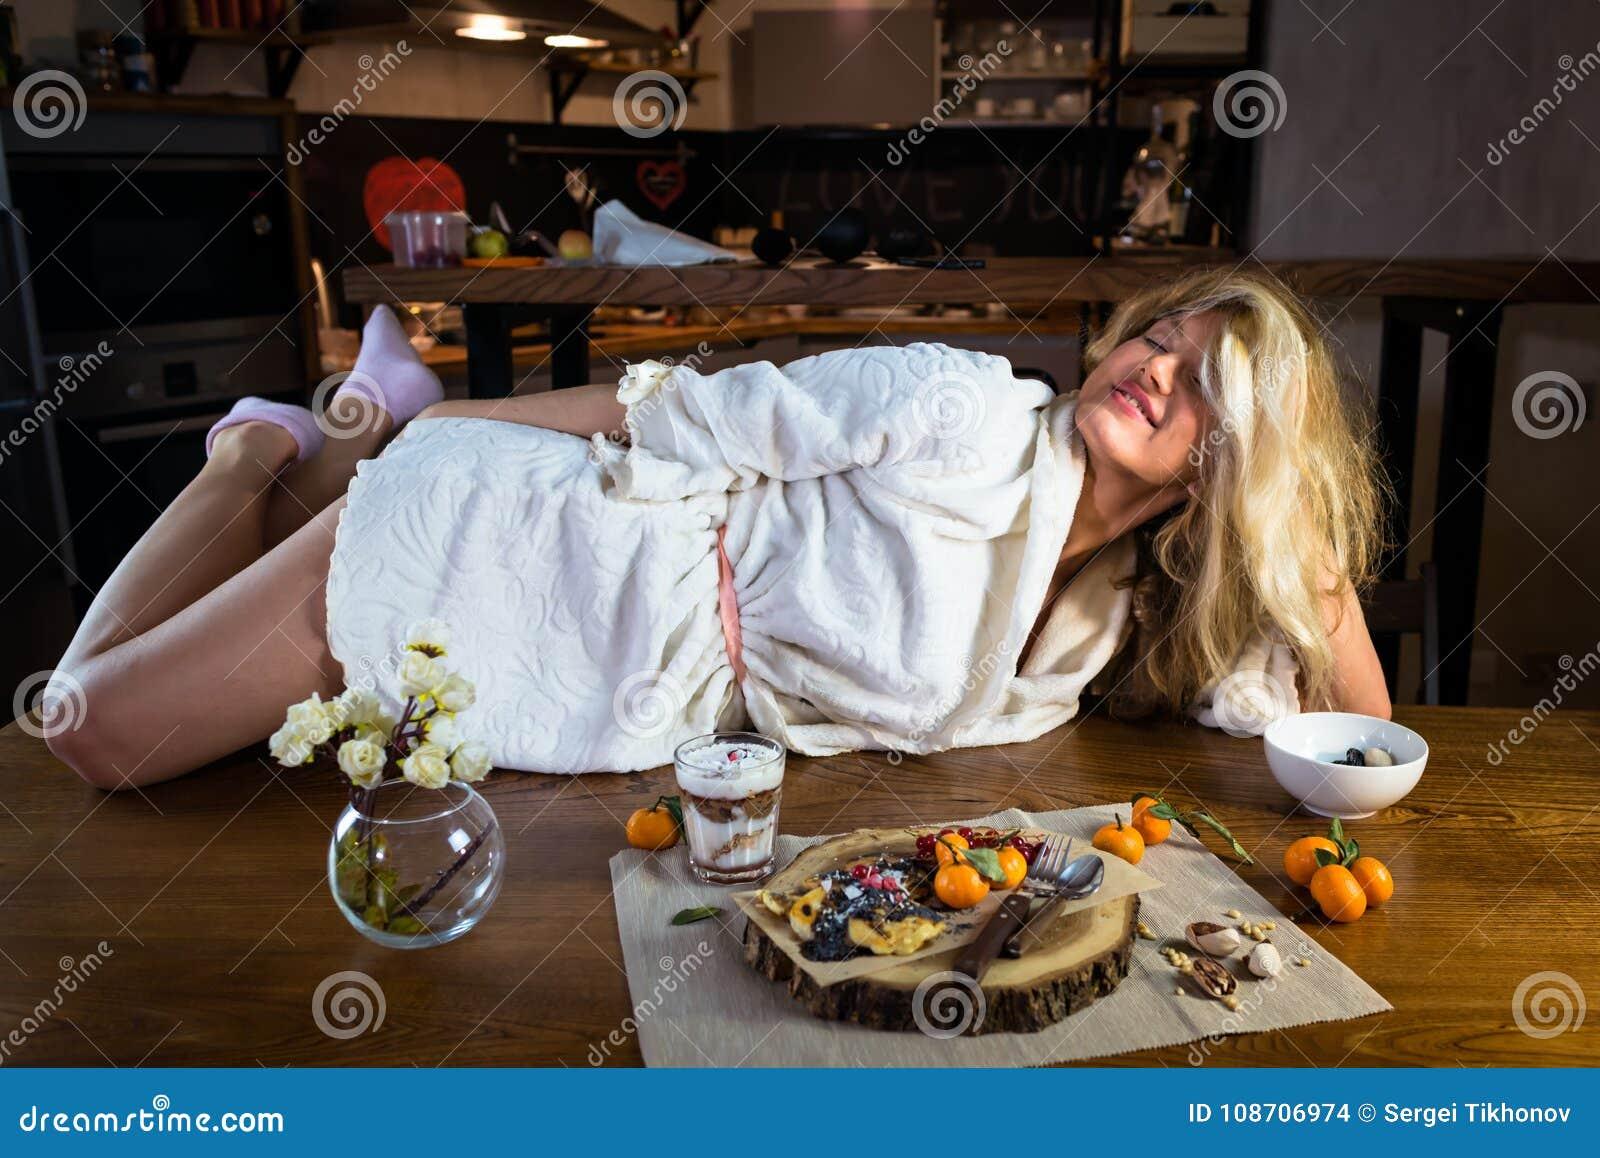 Lustige Blondine Im Bademantel Liegt Auf Dem Tisch Mit ...